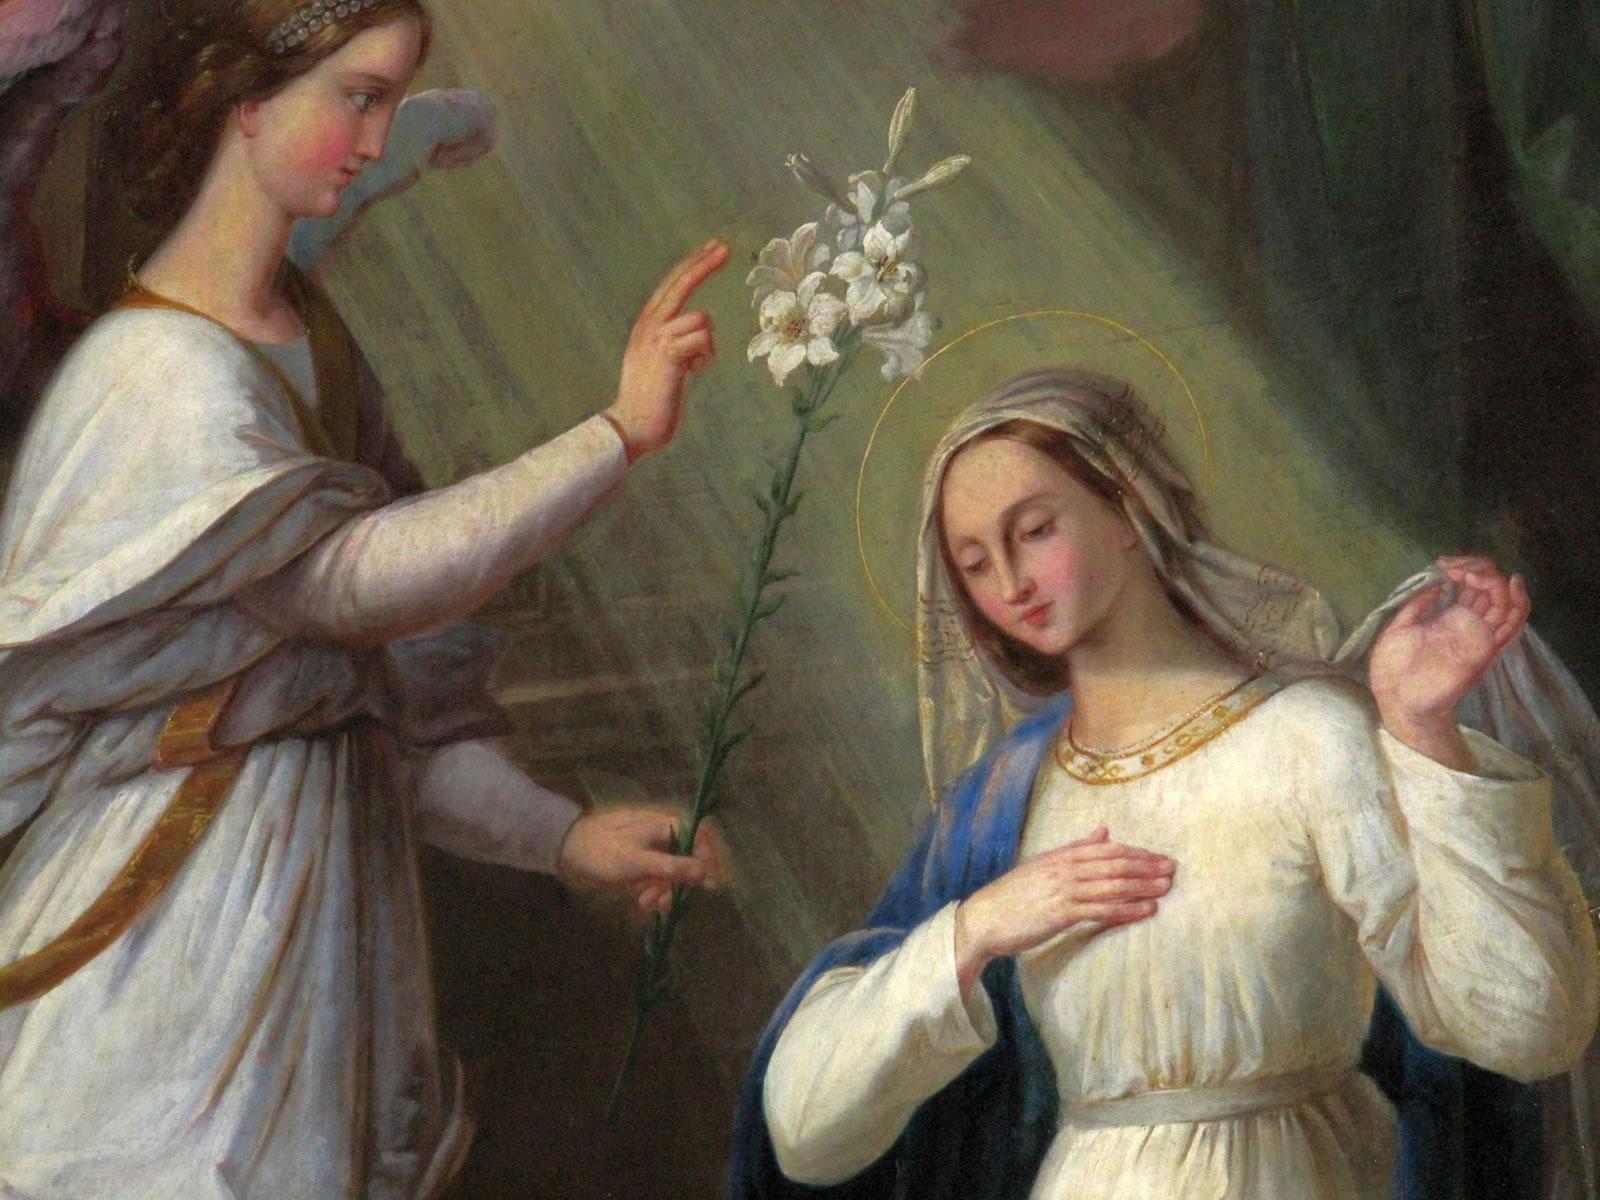 Bildergebnis für mariä verkündigung tizian